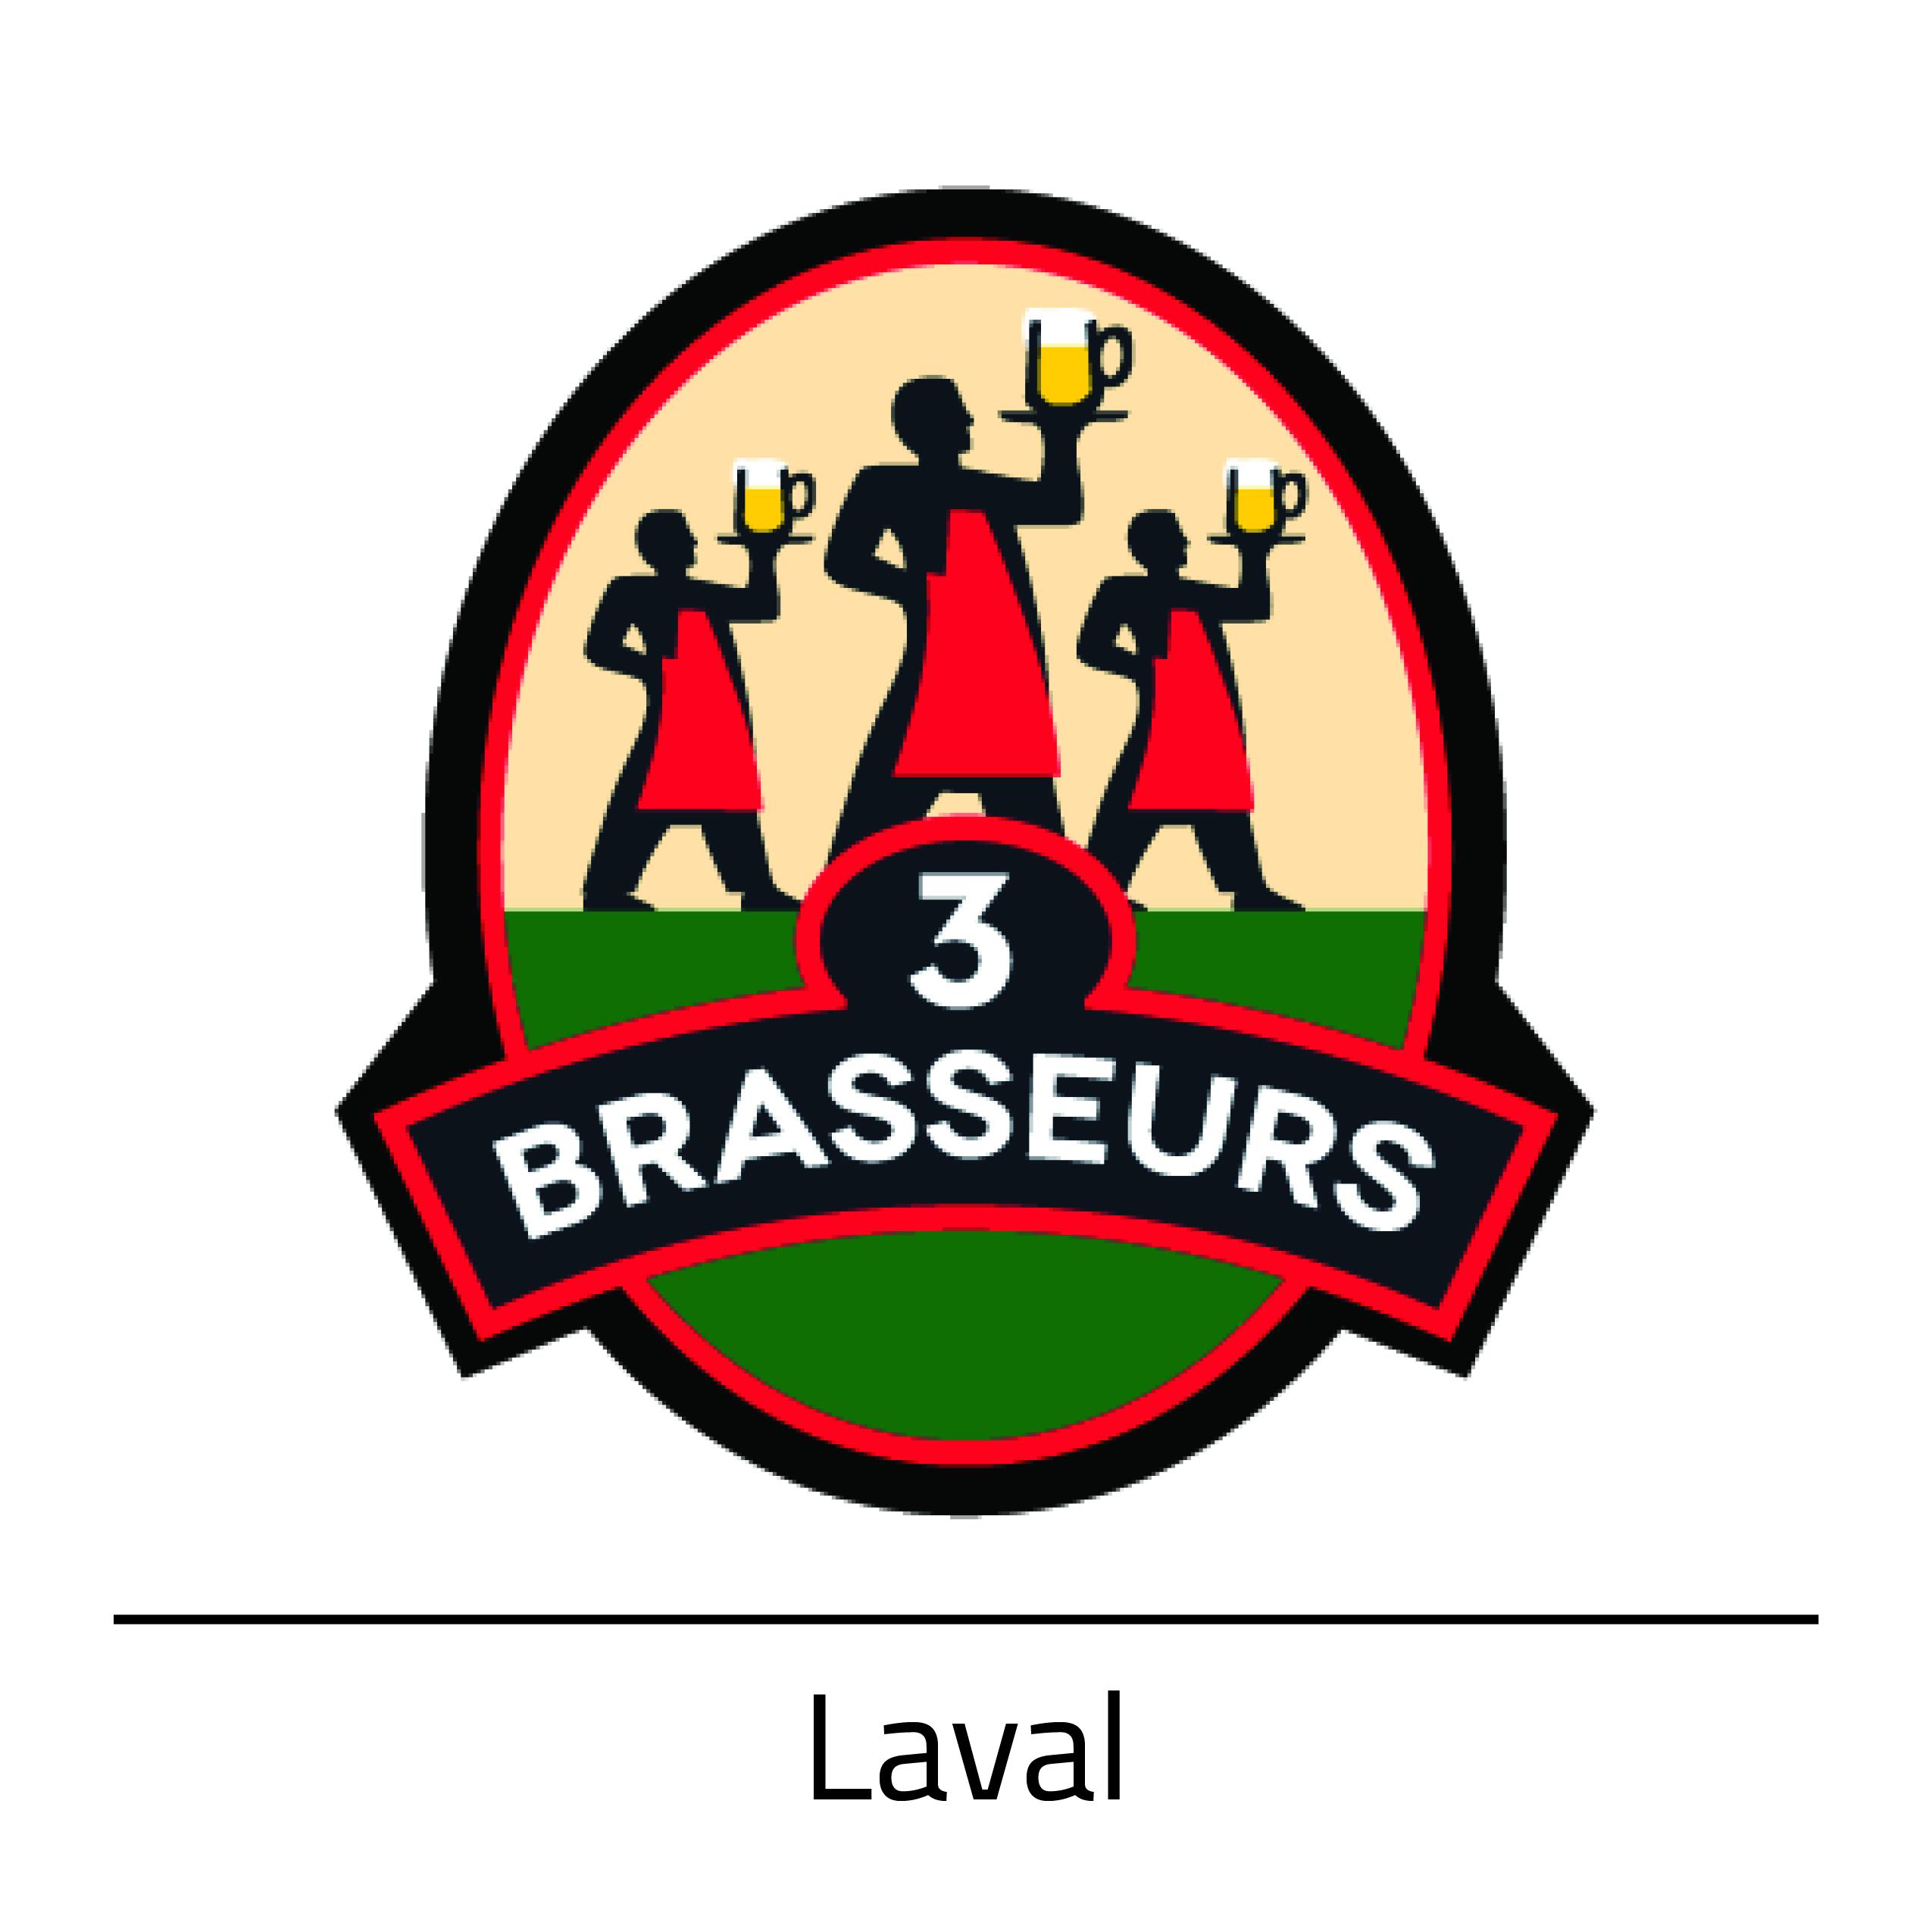 3 Brasseurs  Laval